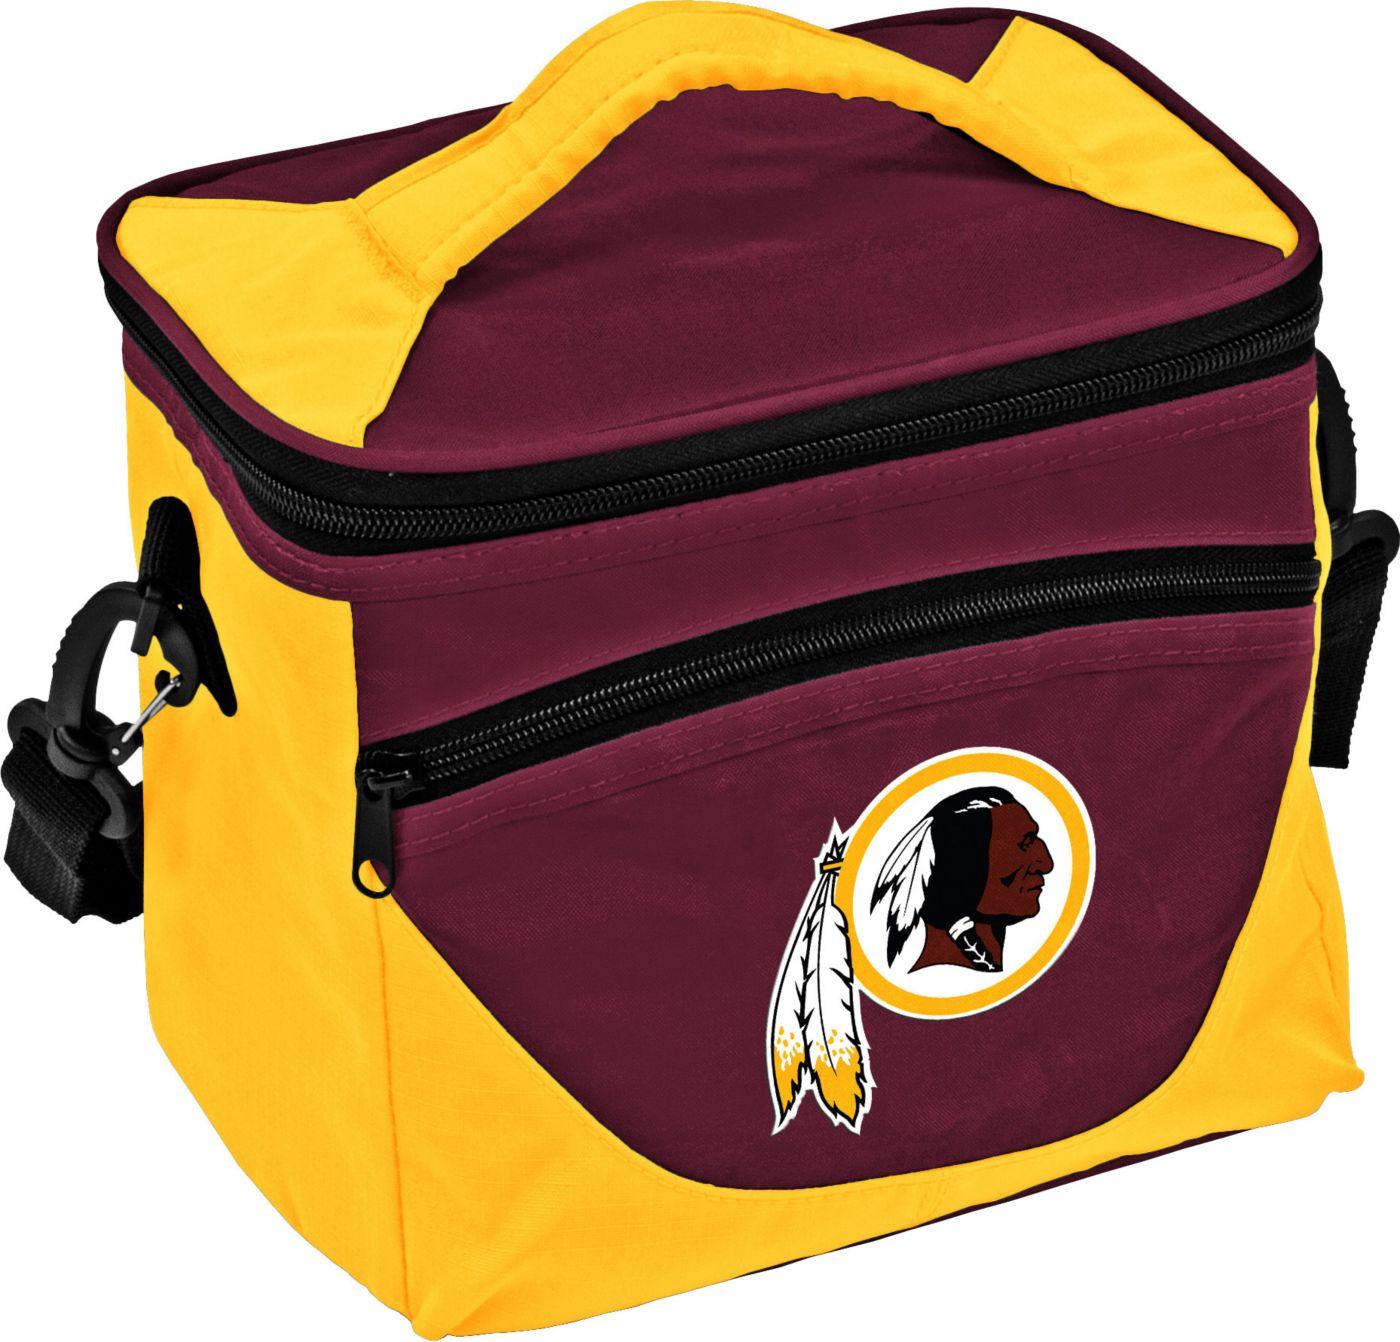 Washington Redskins Halftime Lunch Cooler